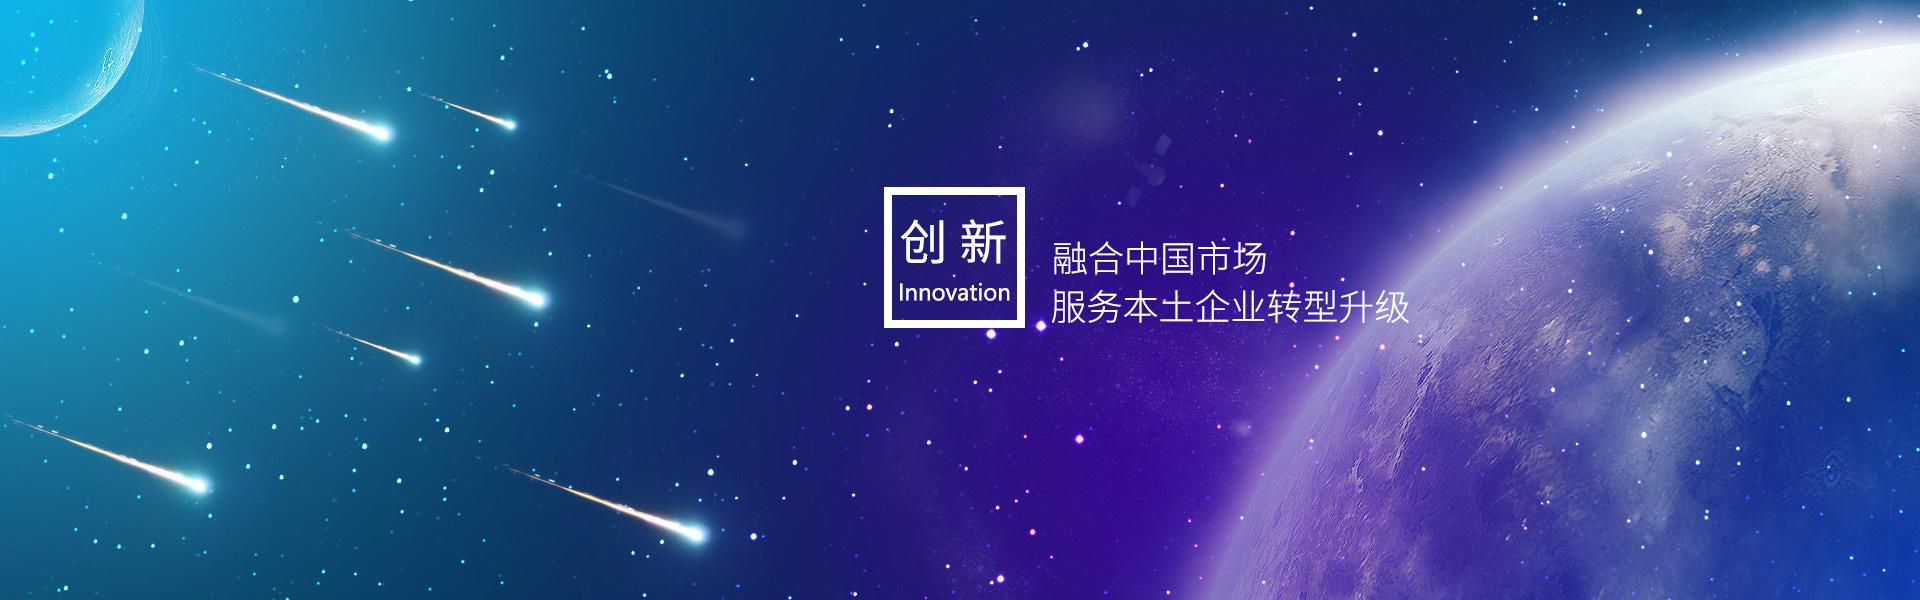 创新(Innovate):融合中国市场,服务本土企业转移升级